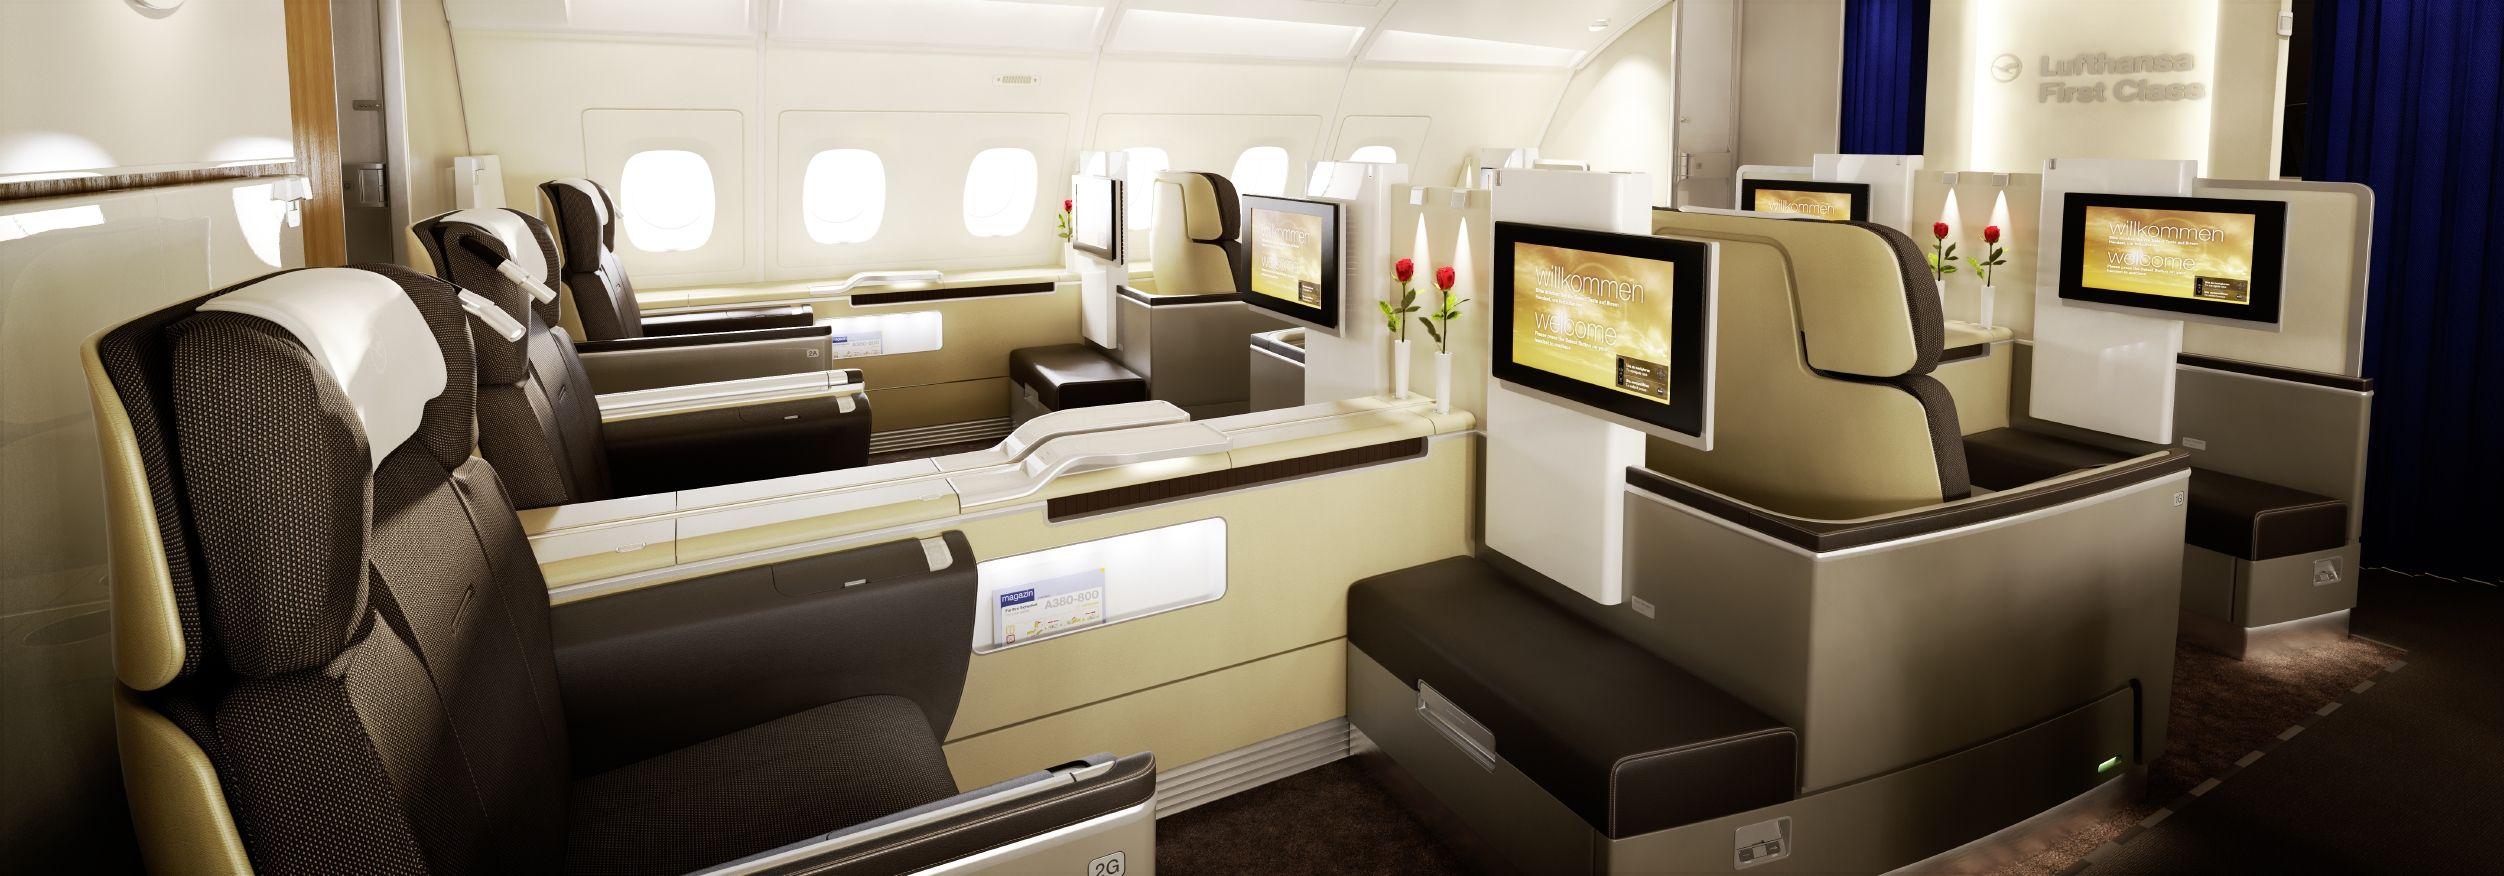 Lufthansa Airbus A380 800 First Class Business Class Tickets